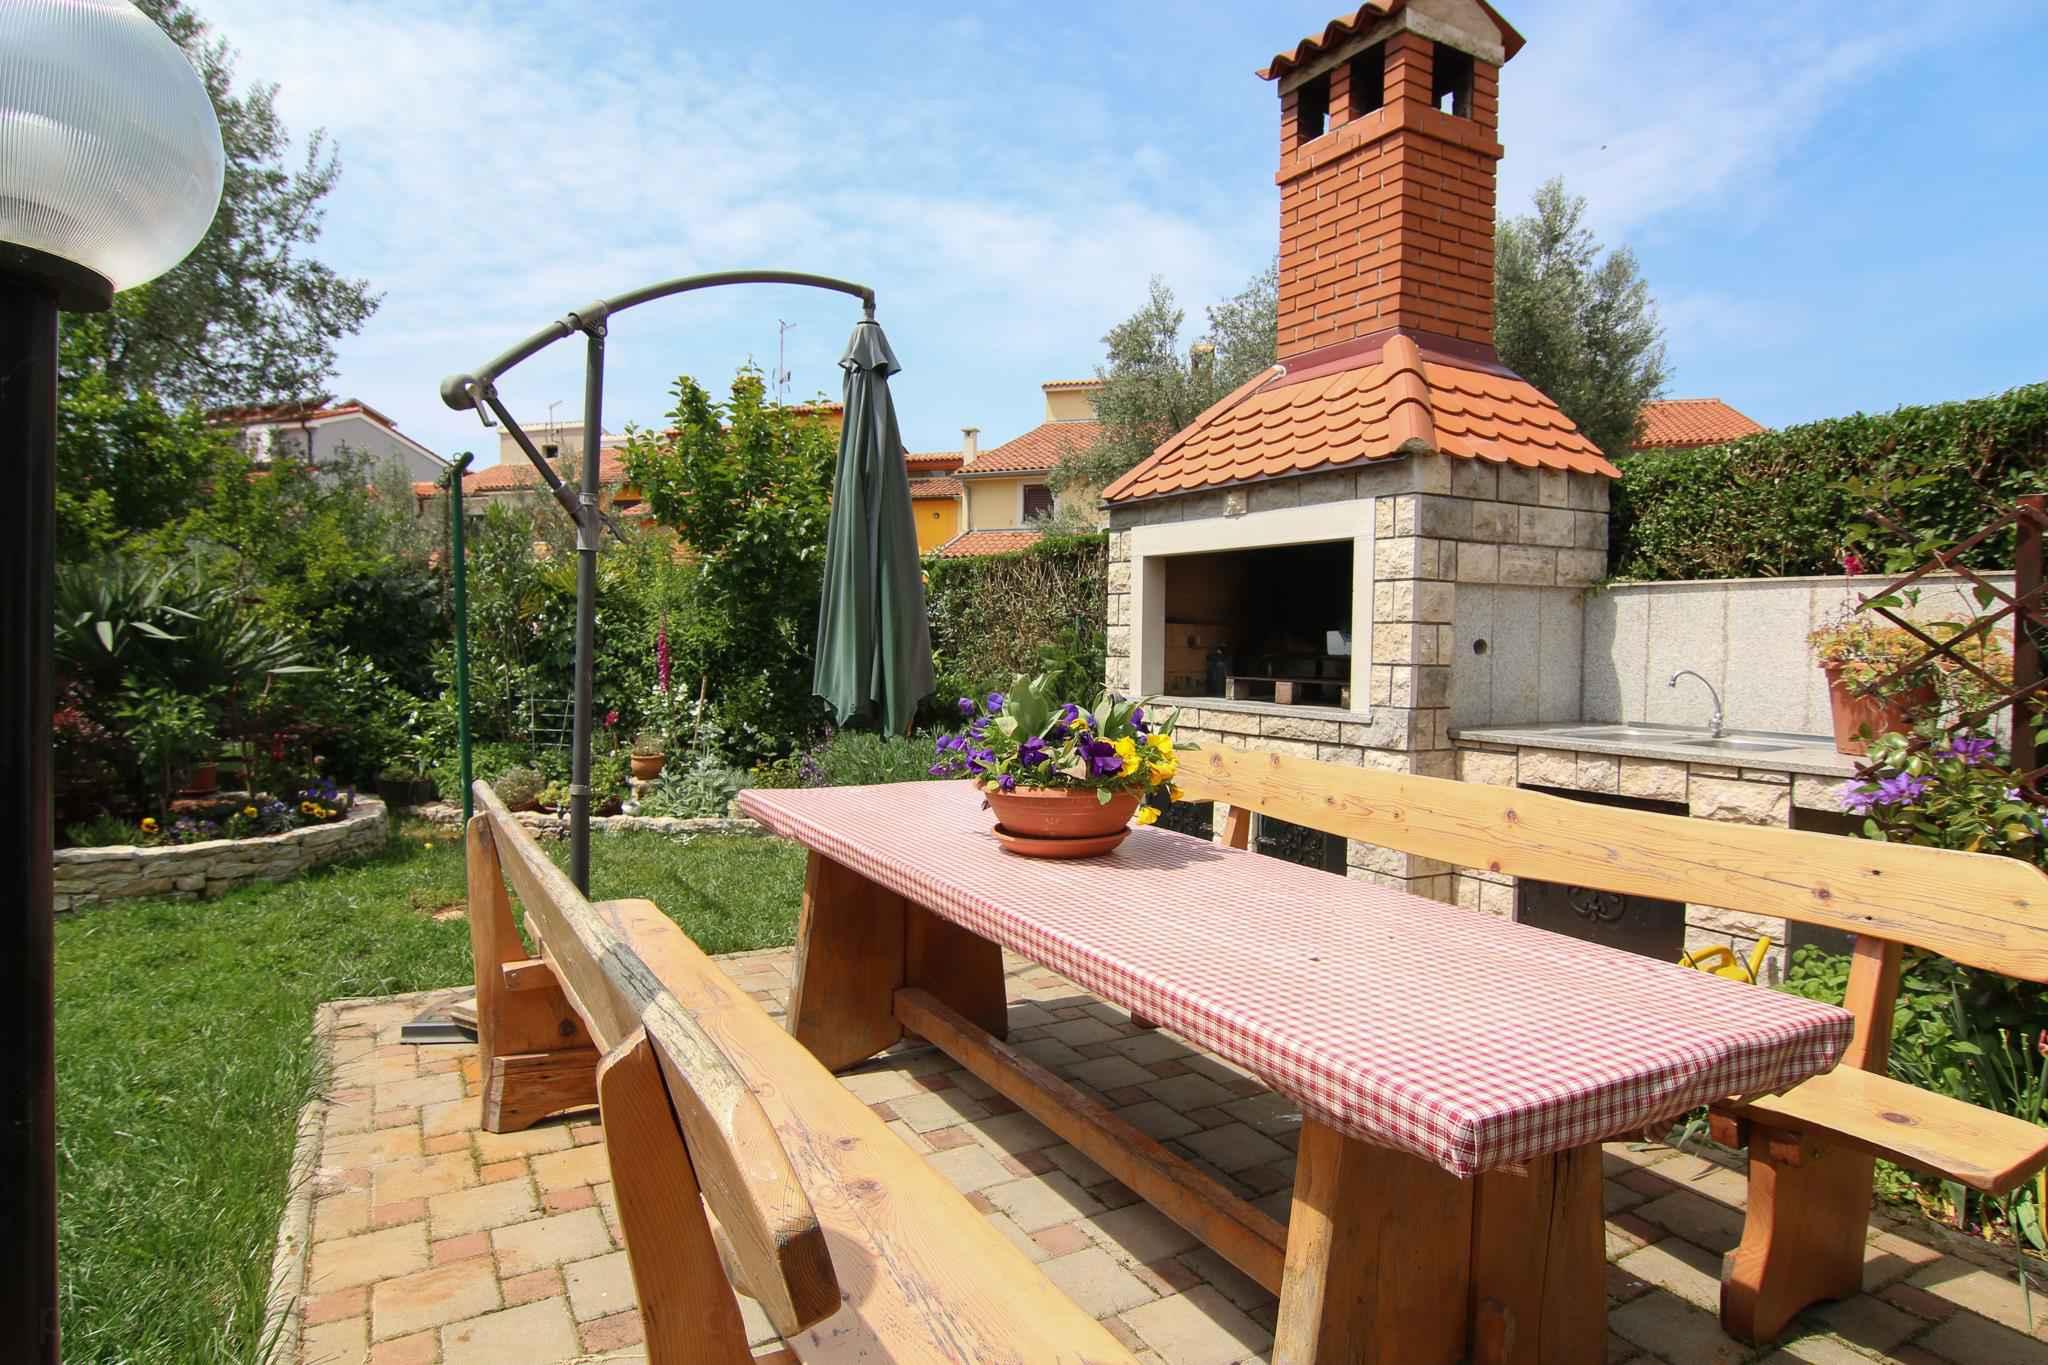 Ferienwohnung mit SAT-TV nur 200 m zum Kiesstrand (280836), Fažana, , Istrien, Kroatien, Bild 5